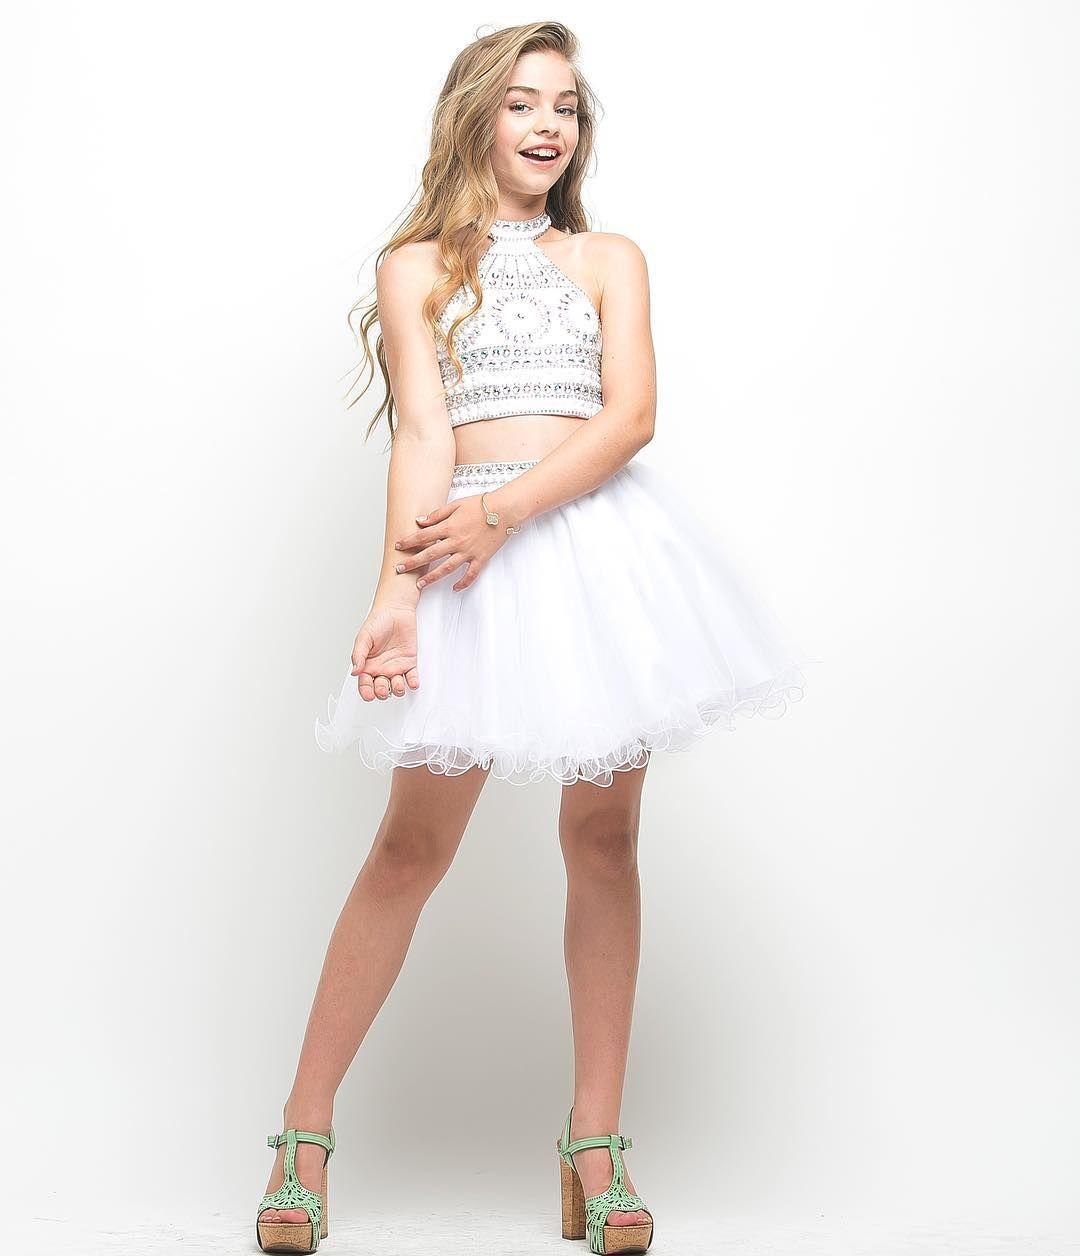 Teen Models, Young Models, Angeles, Teen Hotties, Jade Weber, 2 Piece